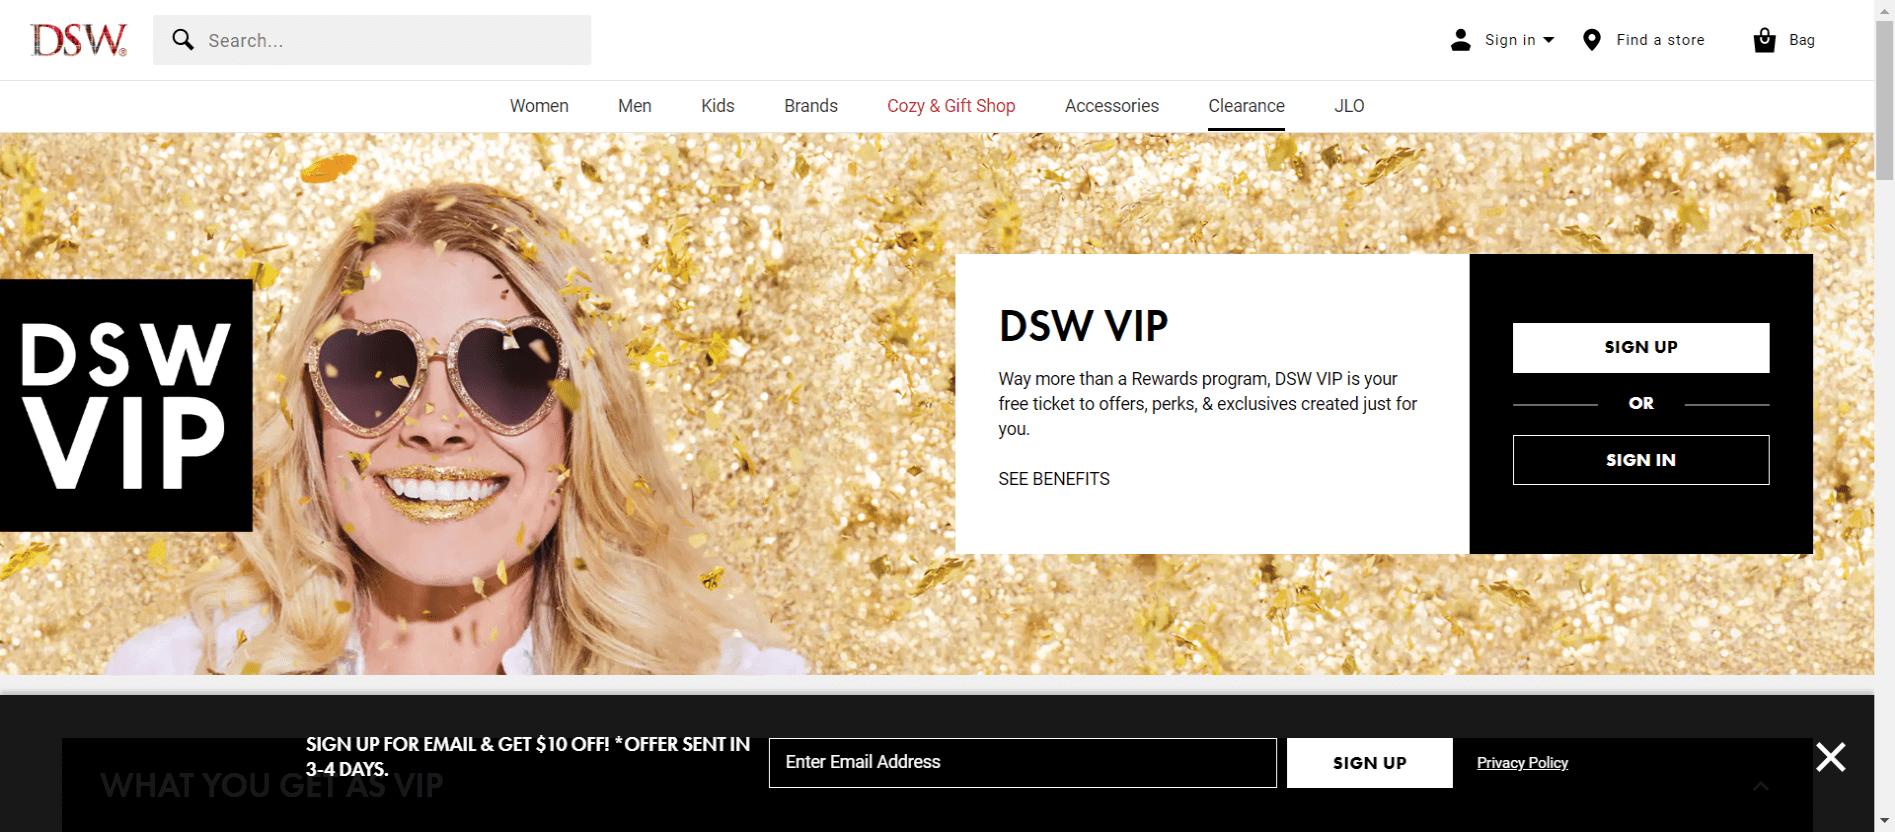 DSW Rewards